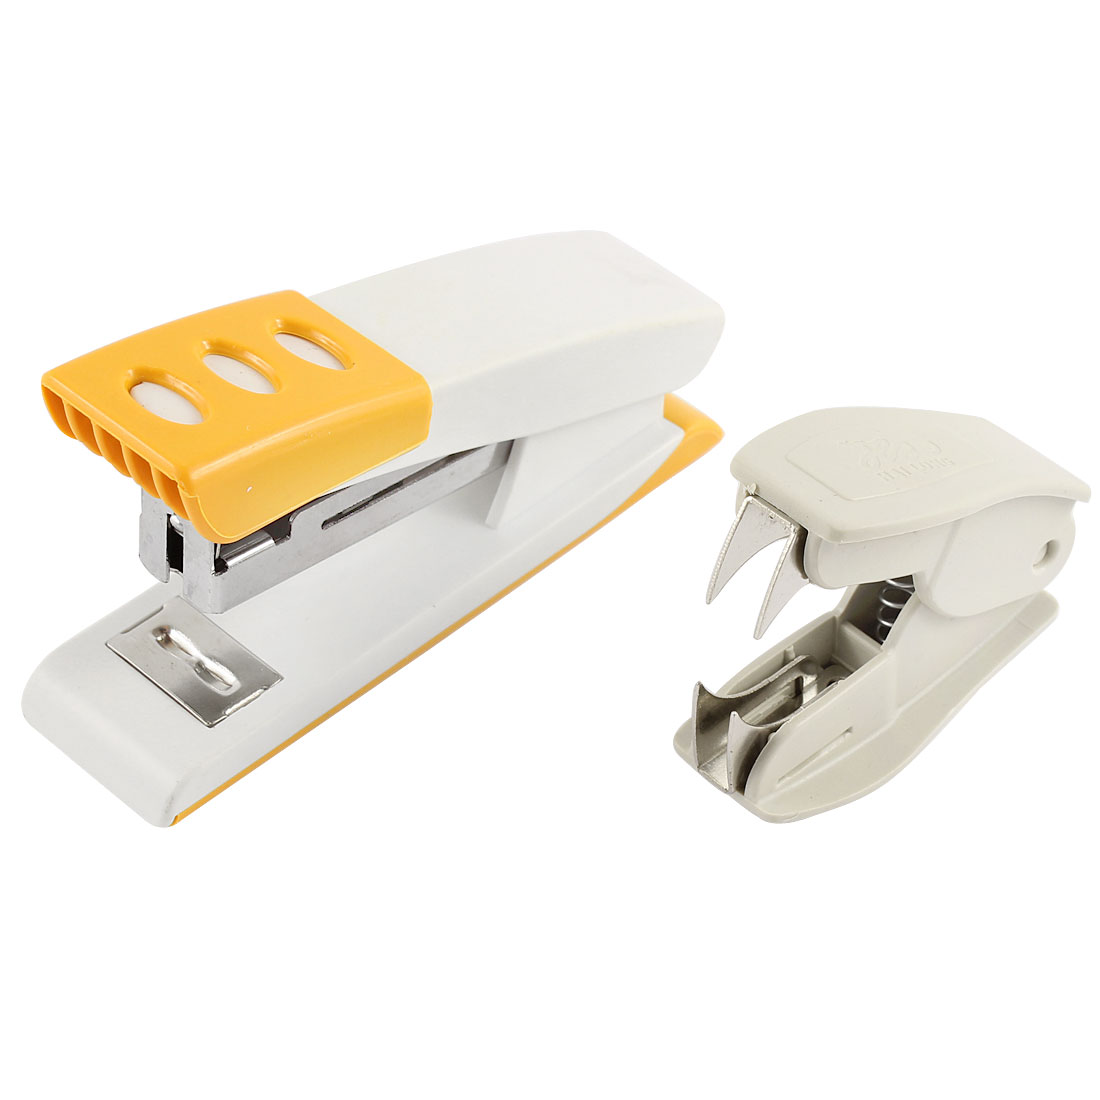 2 in 1 Orange White Plastic Shell Stapler Beige Staple Remover for Office Woker by Unique-Bargains